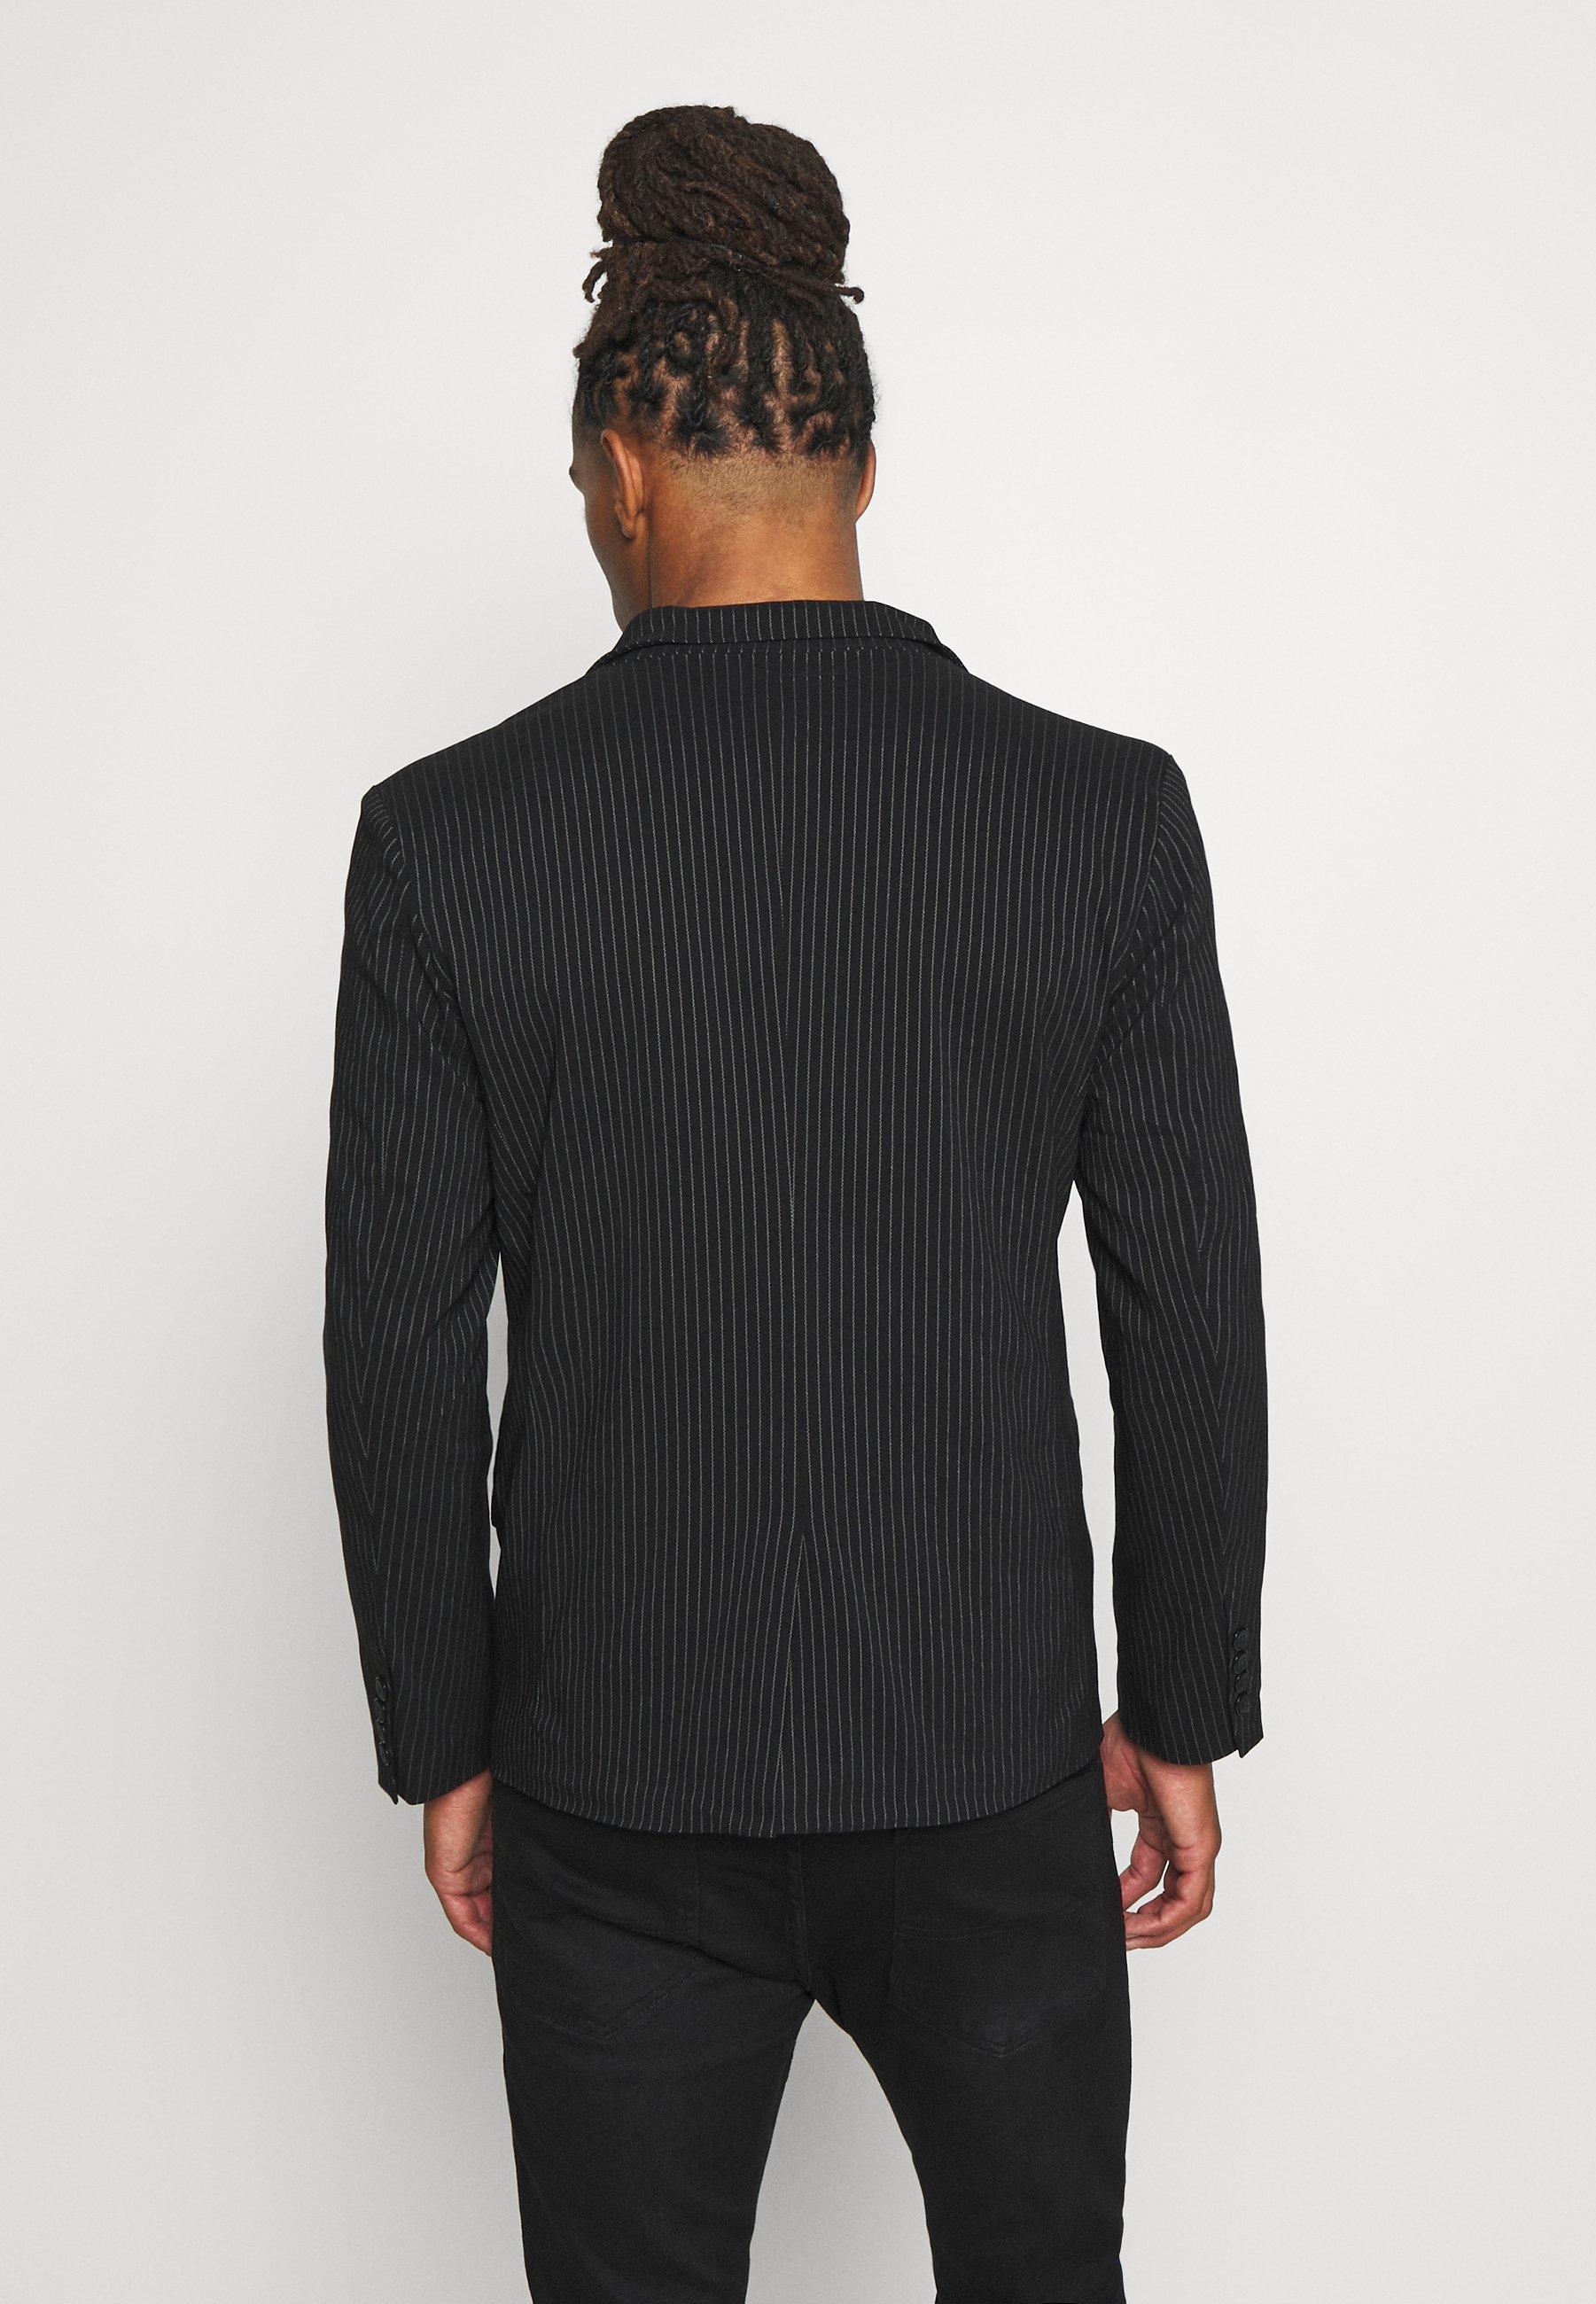 Anbefaler Billigt Nyt Og Mode Tøj til herrer Brave Soul BUCK Jakkesæt blazere black cNGfLv 8sj1Id